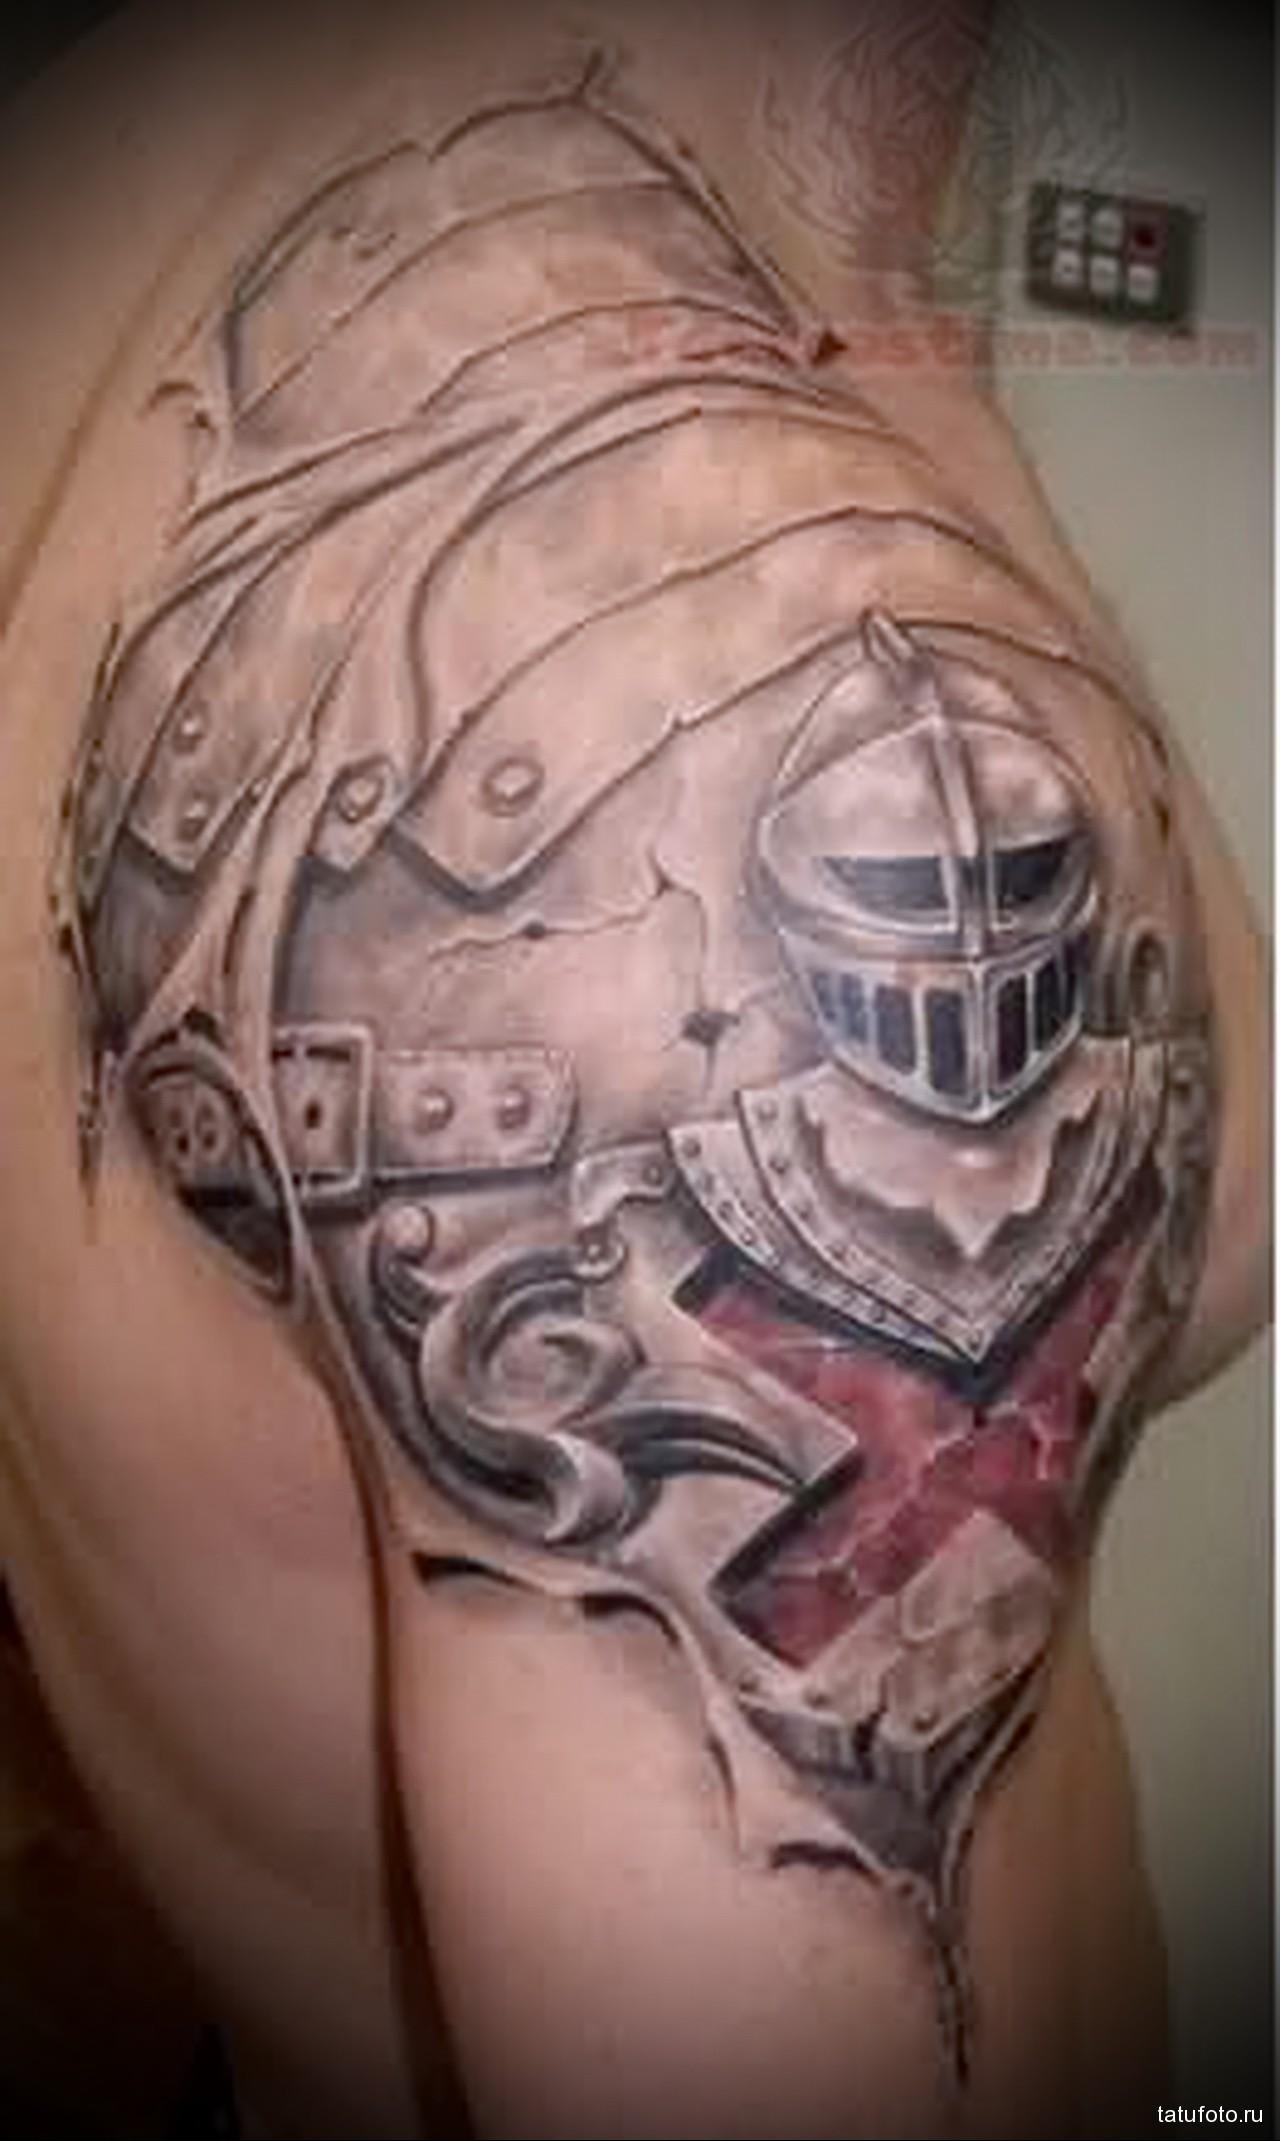 тату шлем рыцаря и доспехи - мужская татуировка на плече